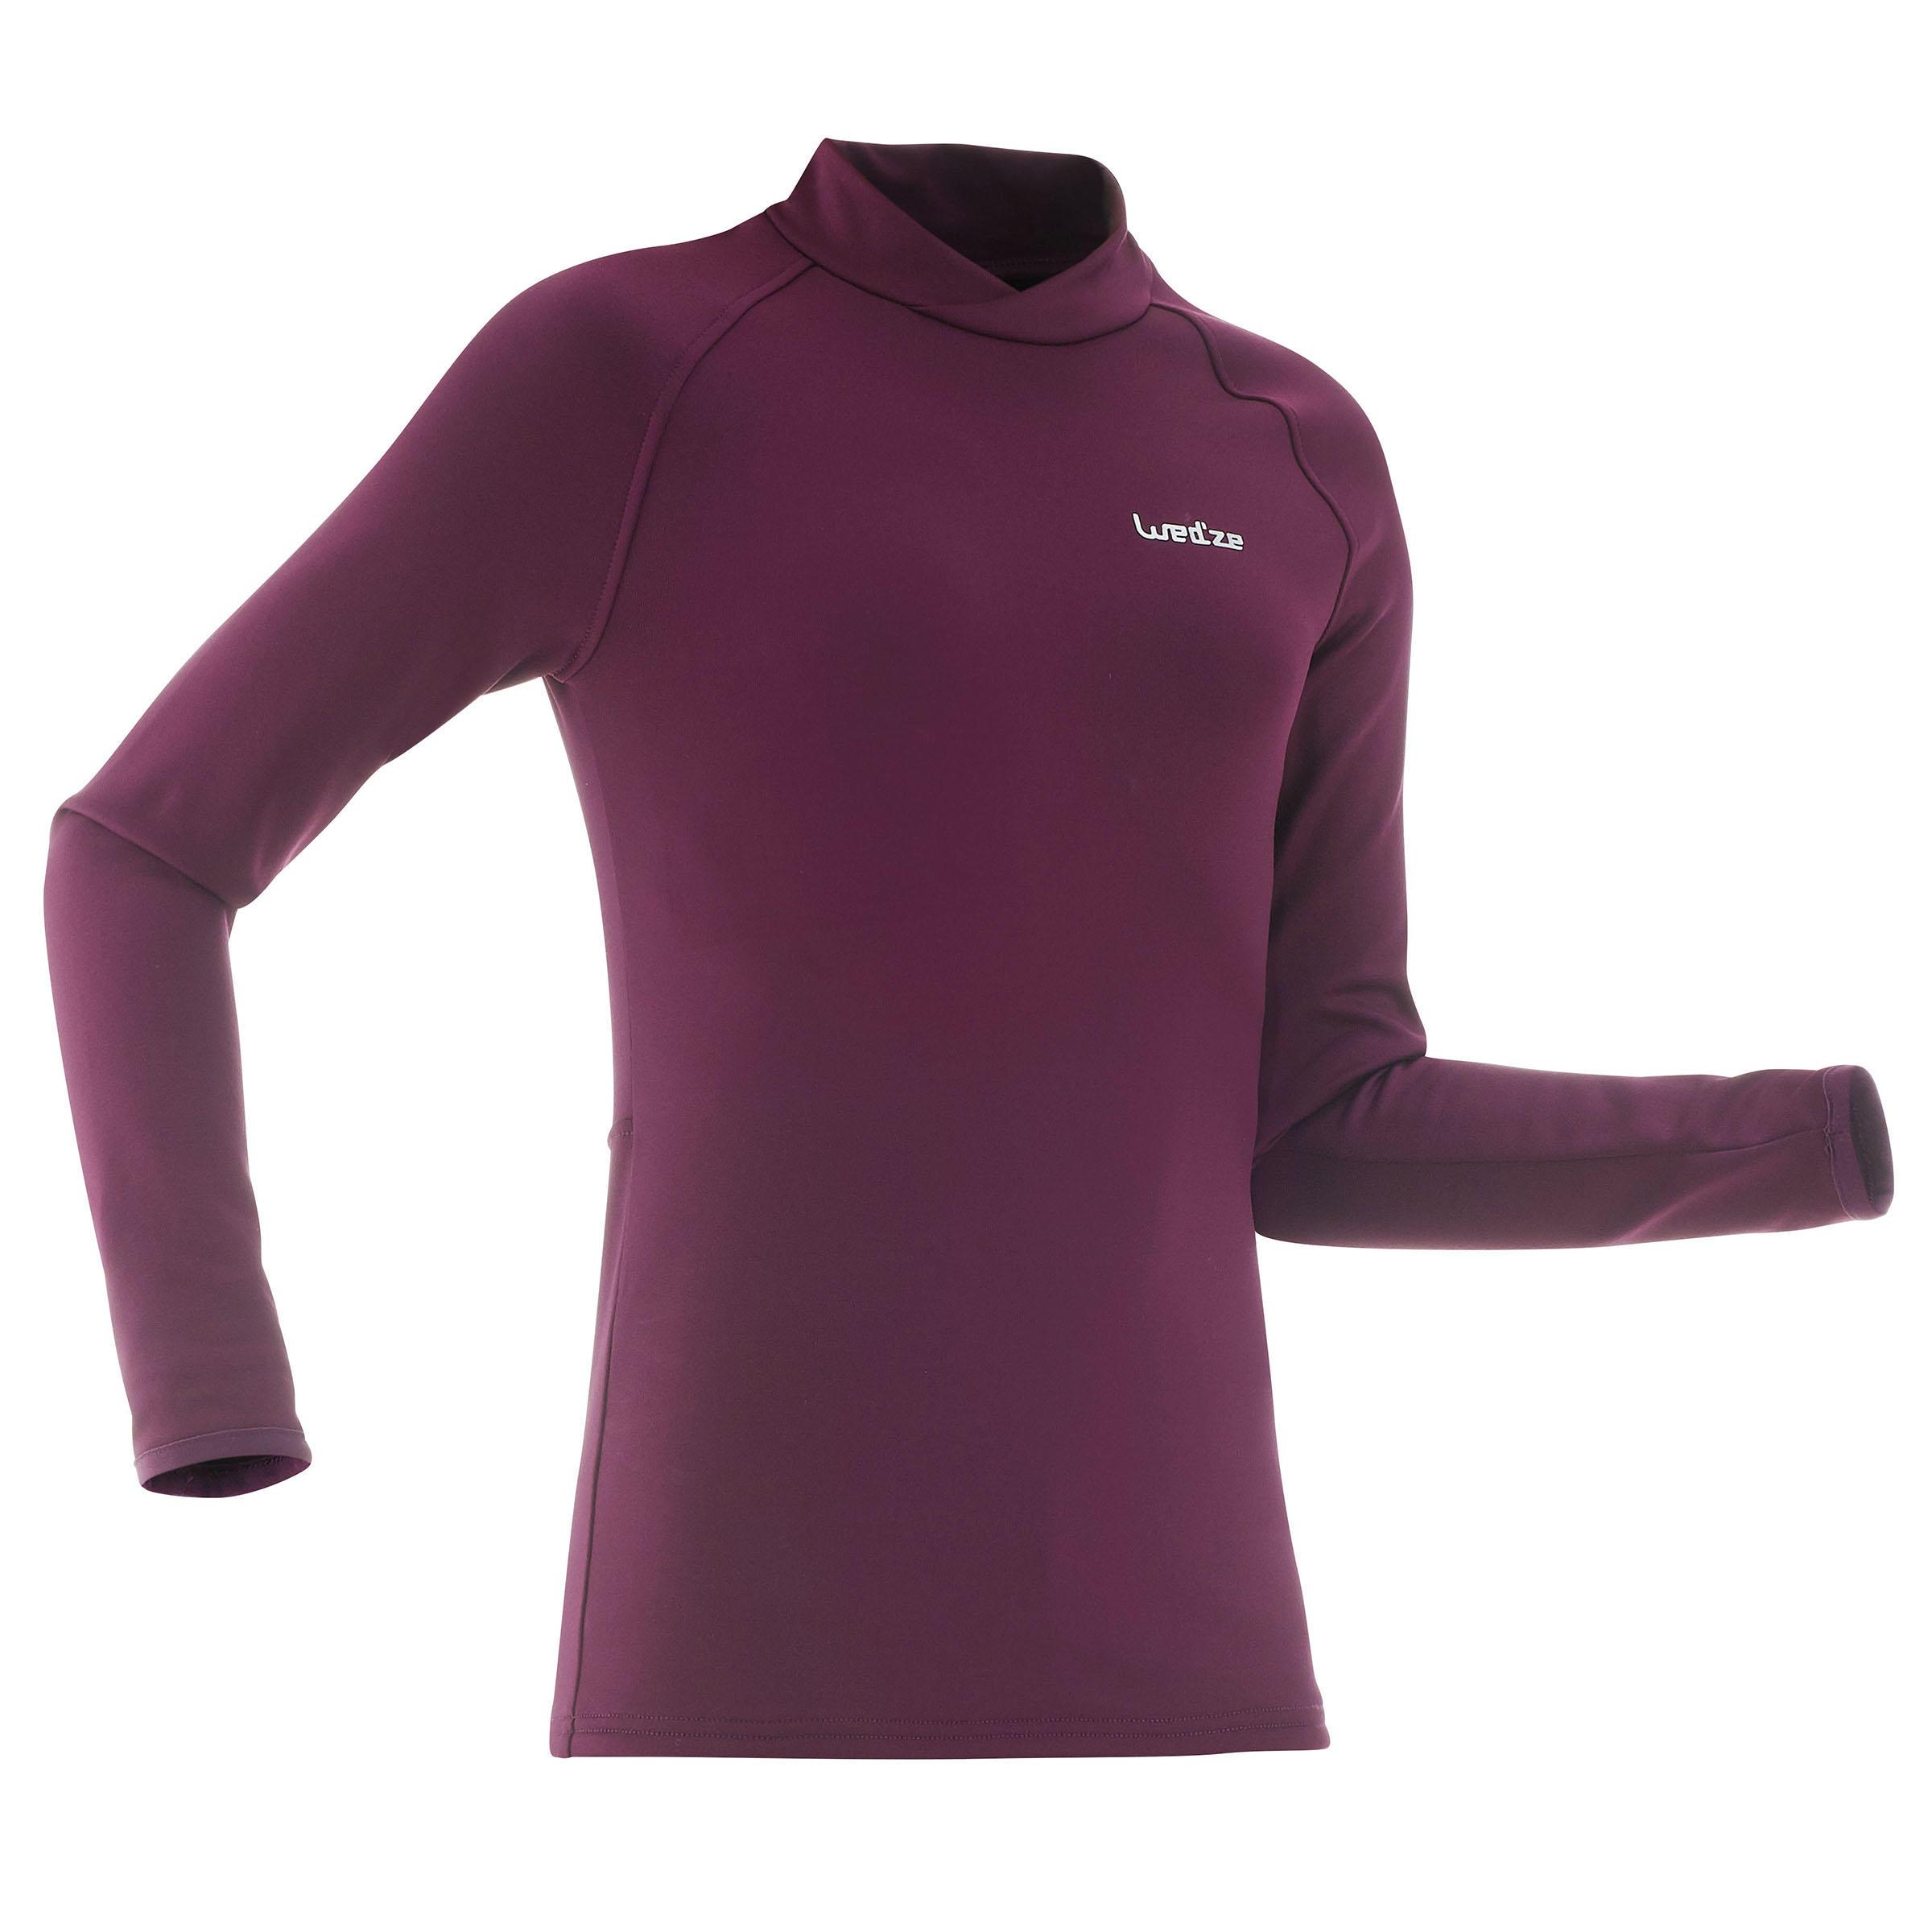 Jungen,Kinder,Kinder Skiunterwäsche Funktionsshirt Freshwarm Kinder violett | 03608449856973